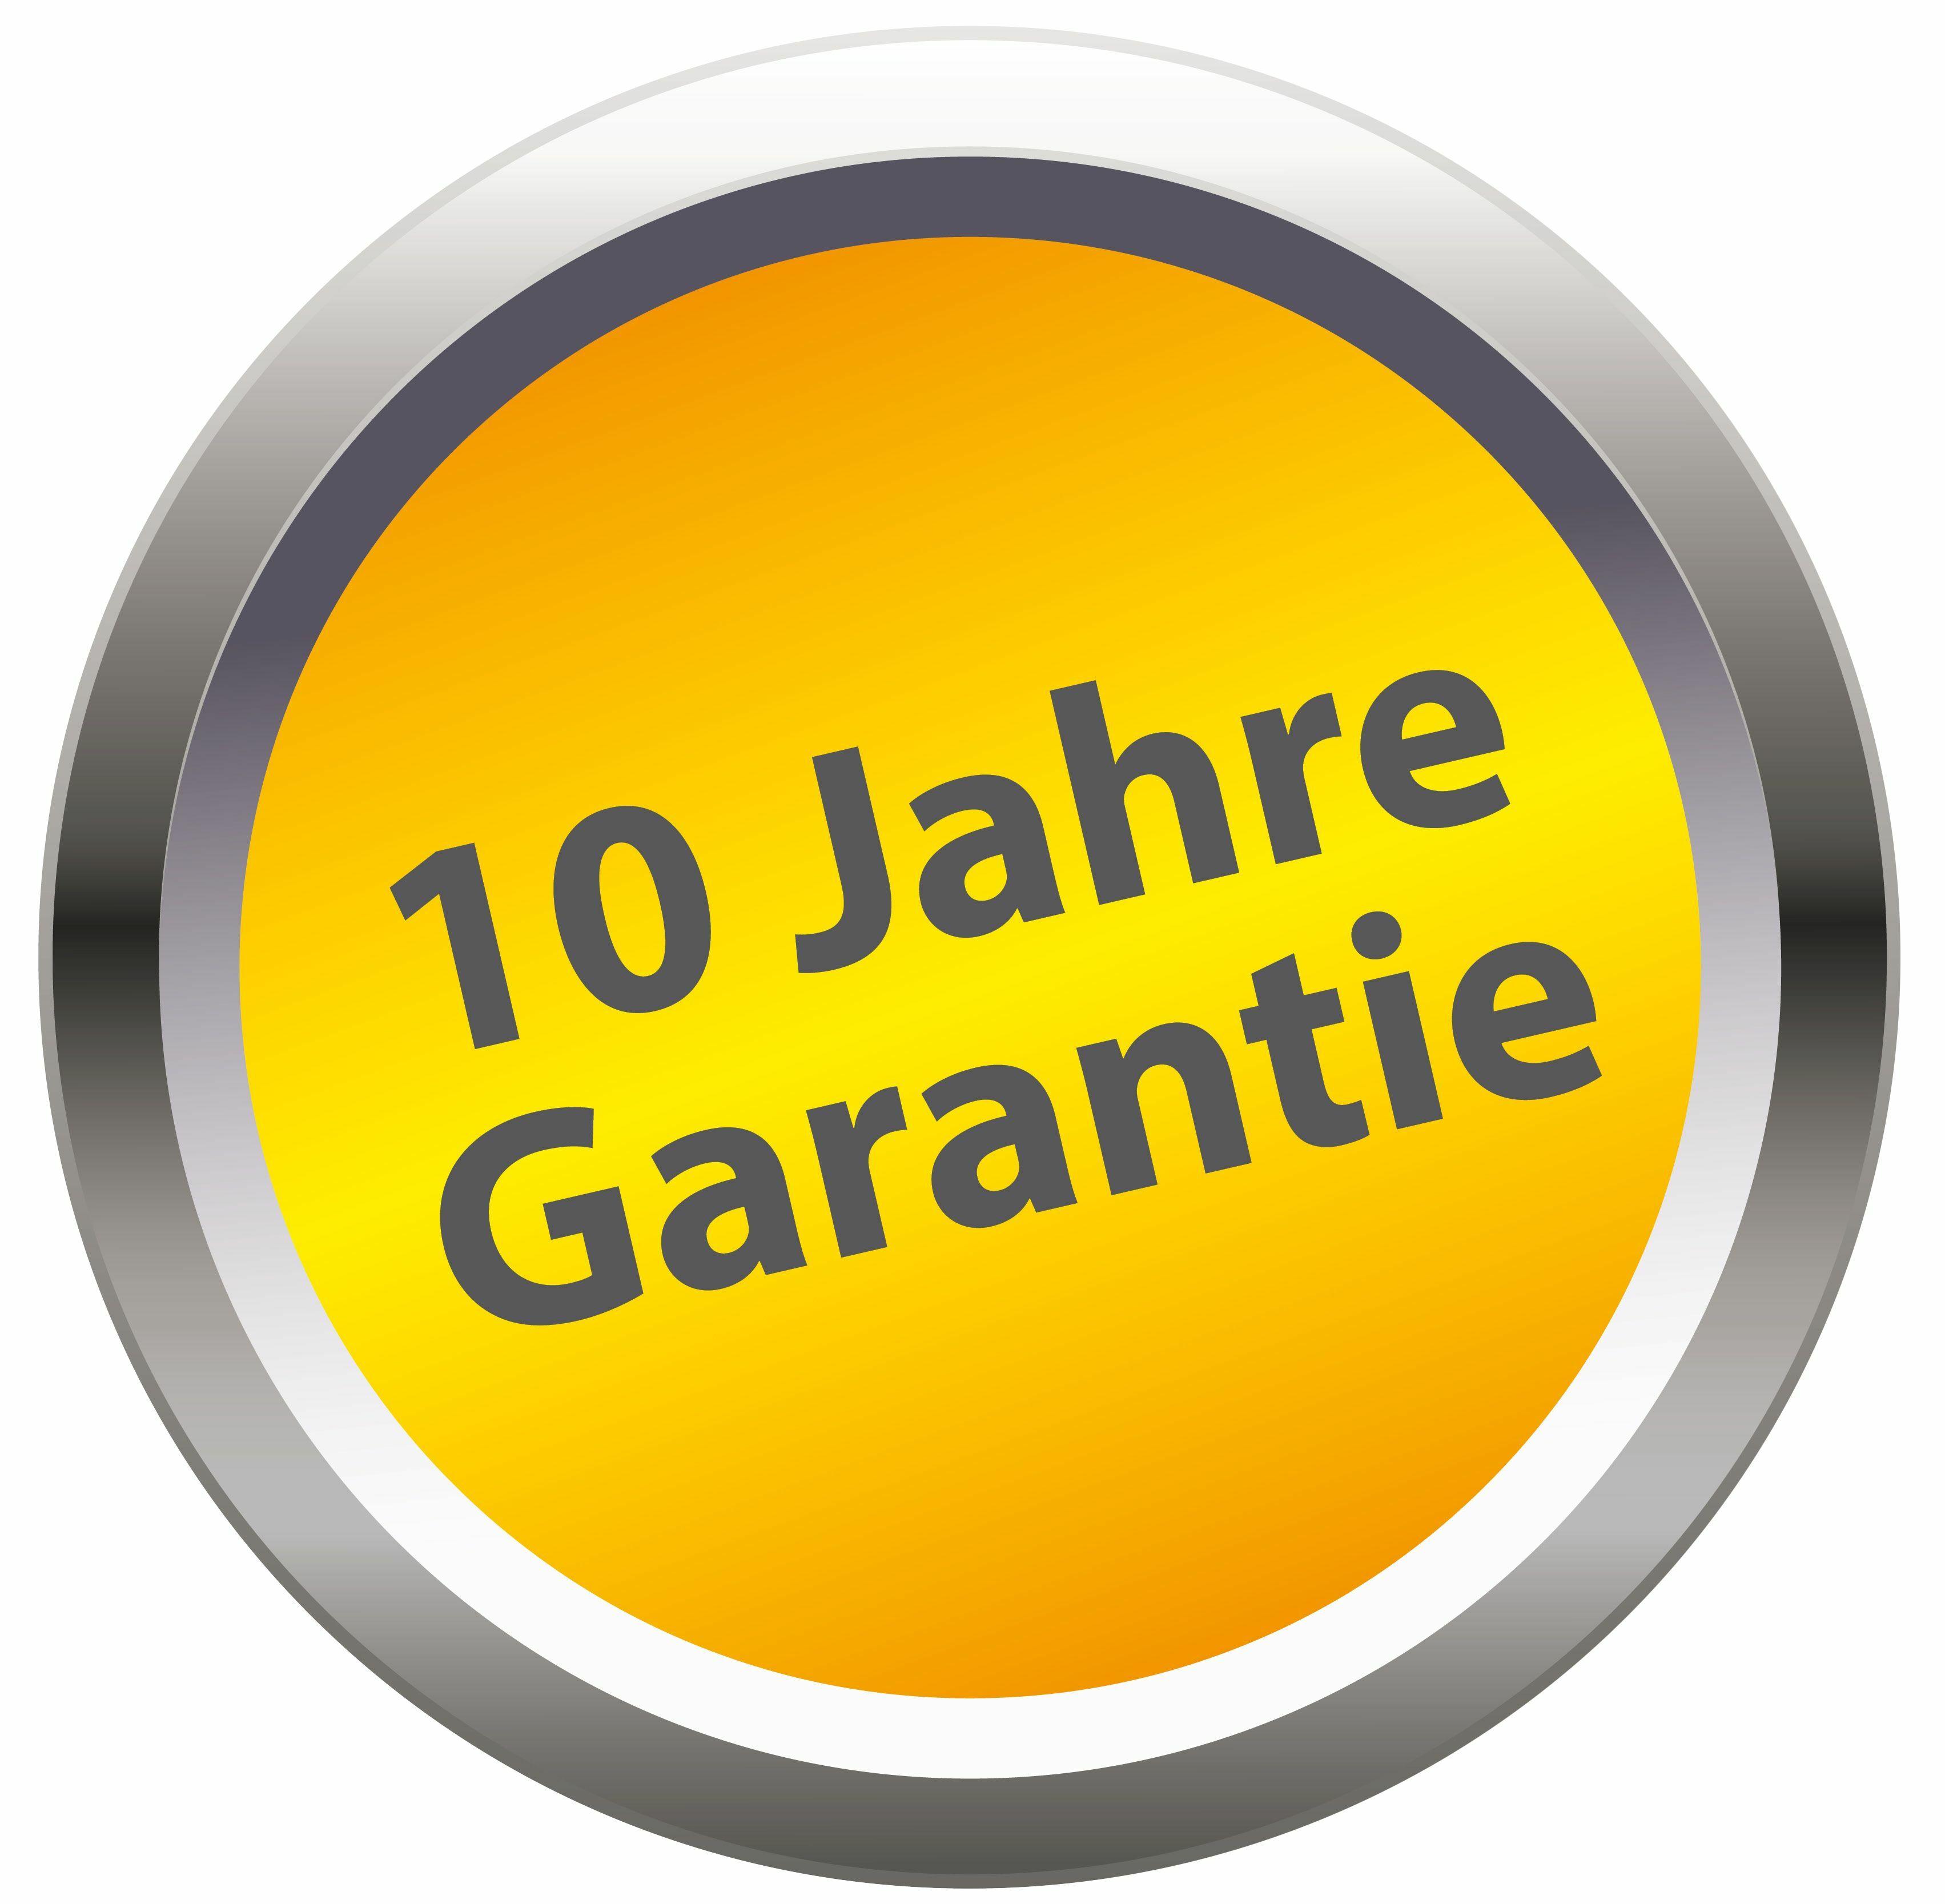 fetra-10-jahre-garantie.jpg